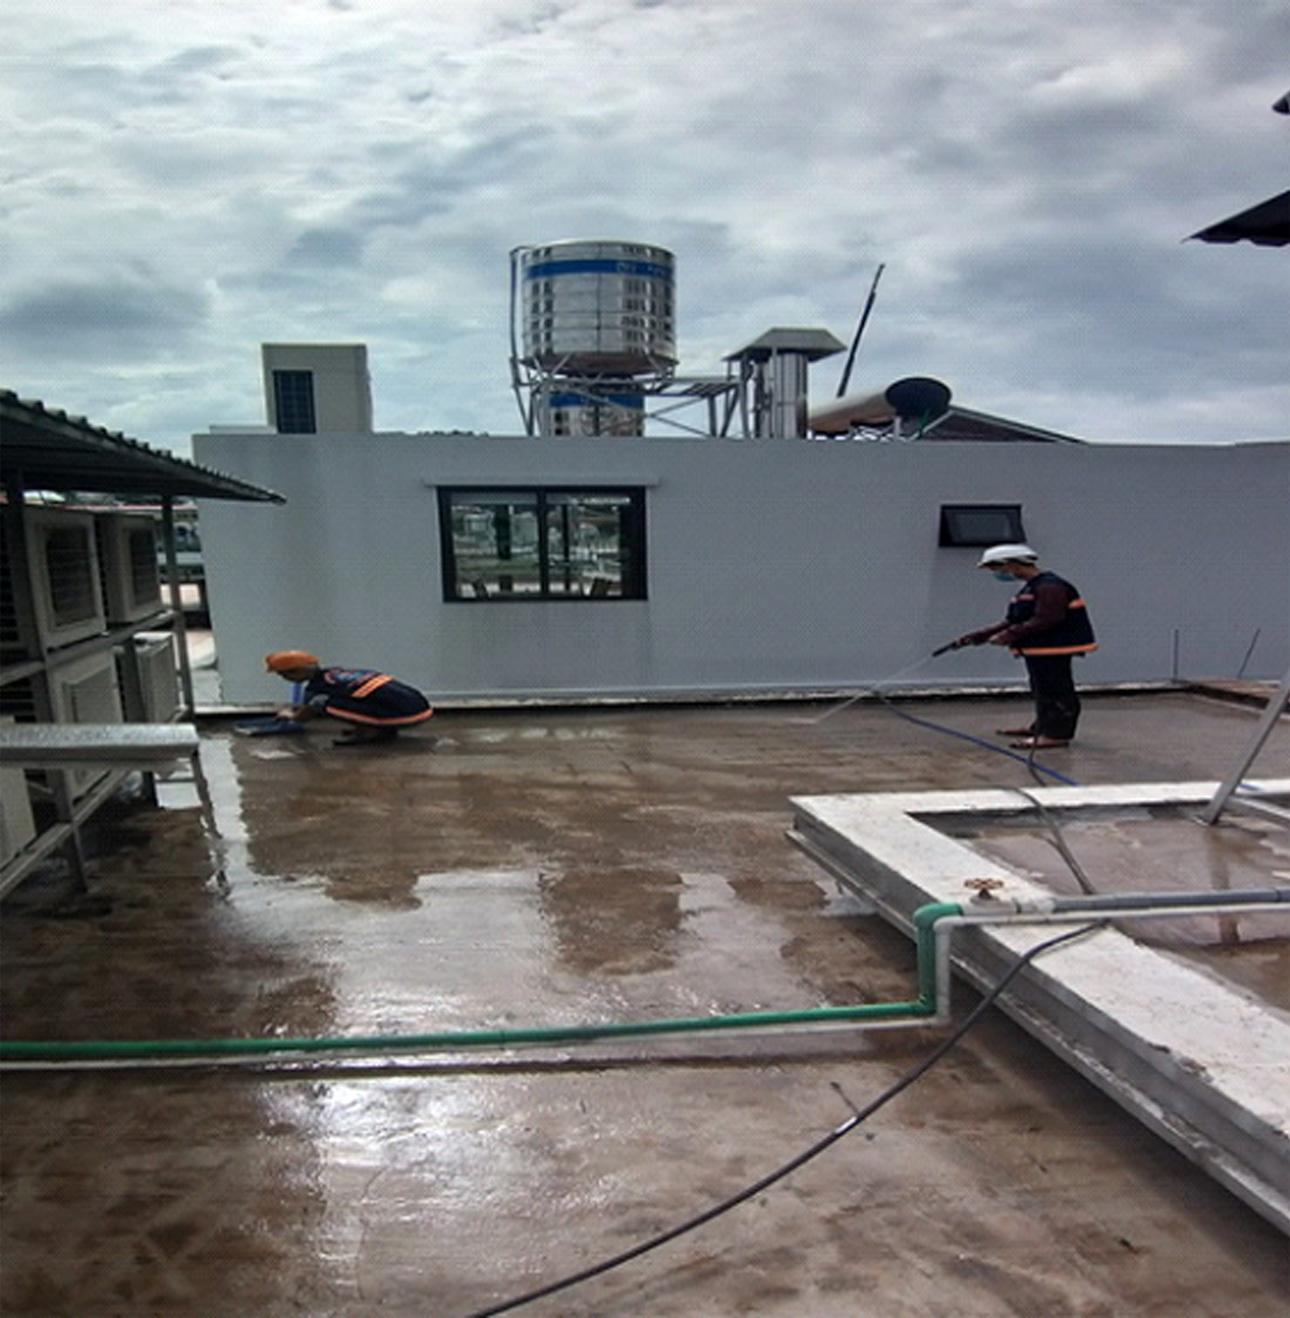 chong dot ban cong san thuong 2 - Chống thấm ban công sân thượng uy tín tại TPHCM